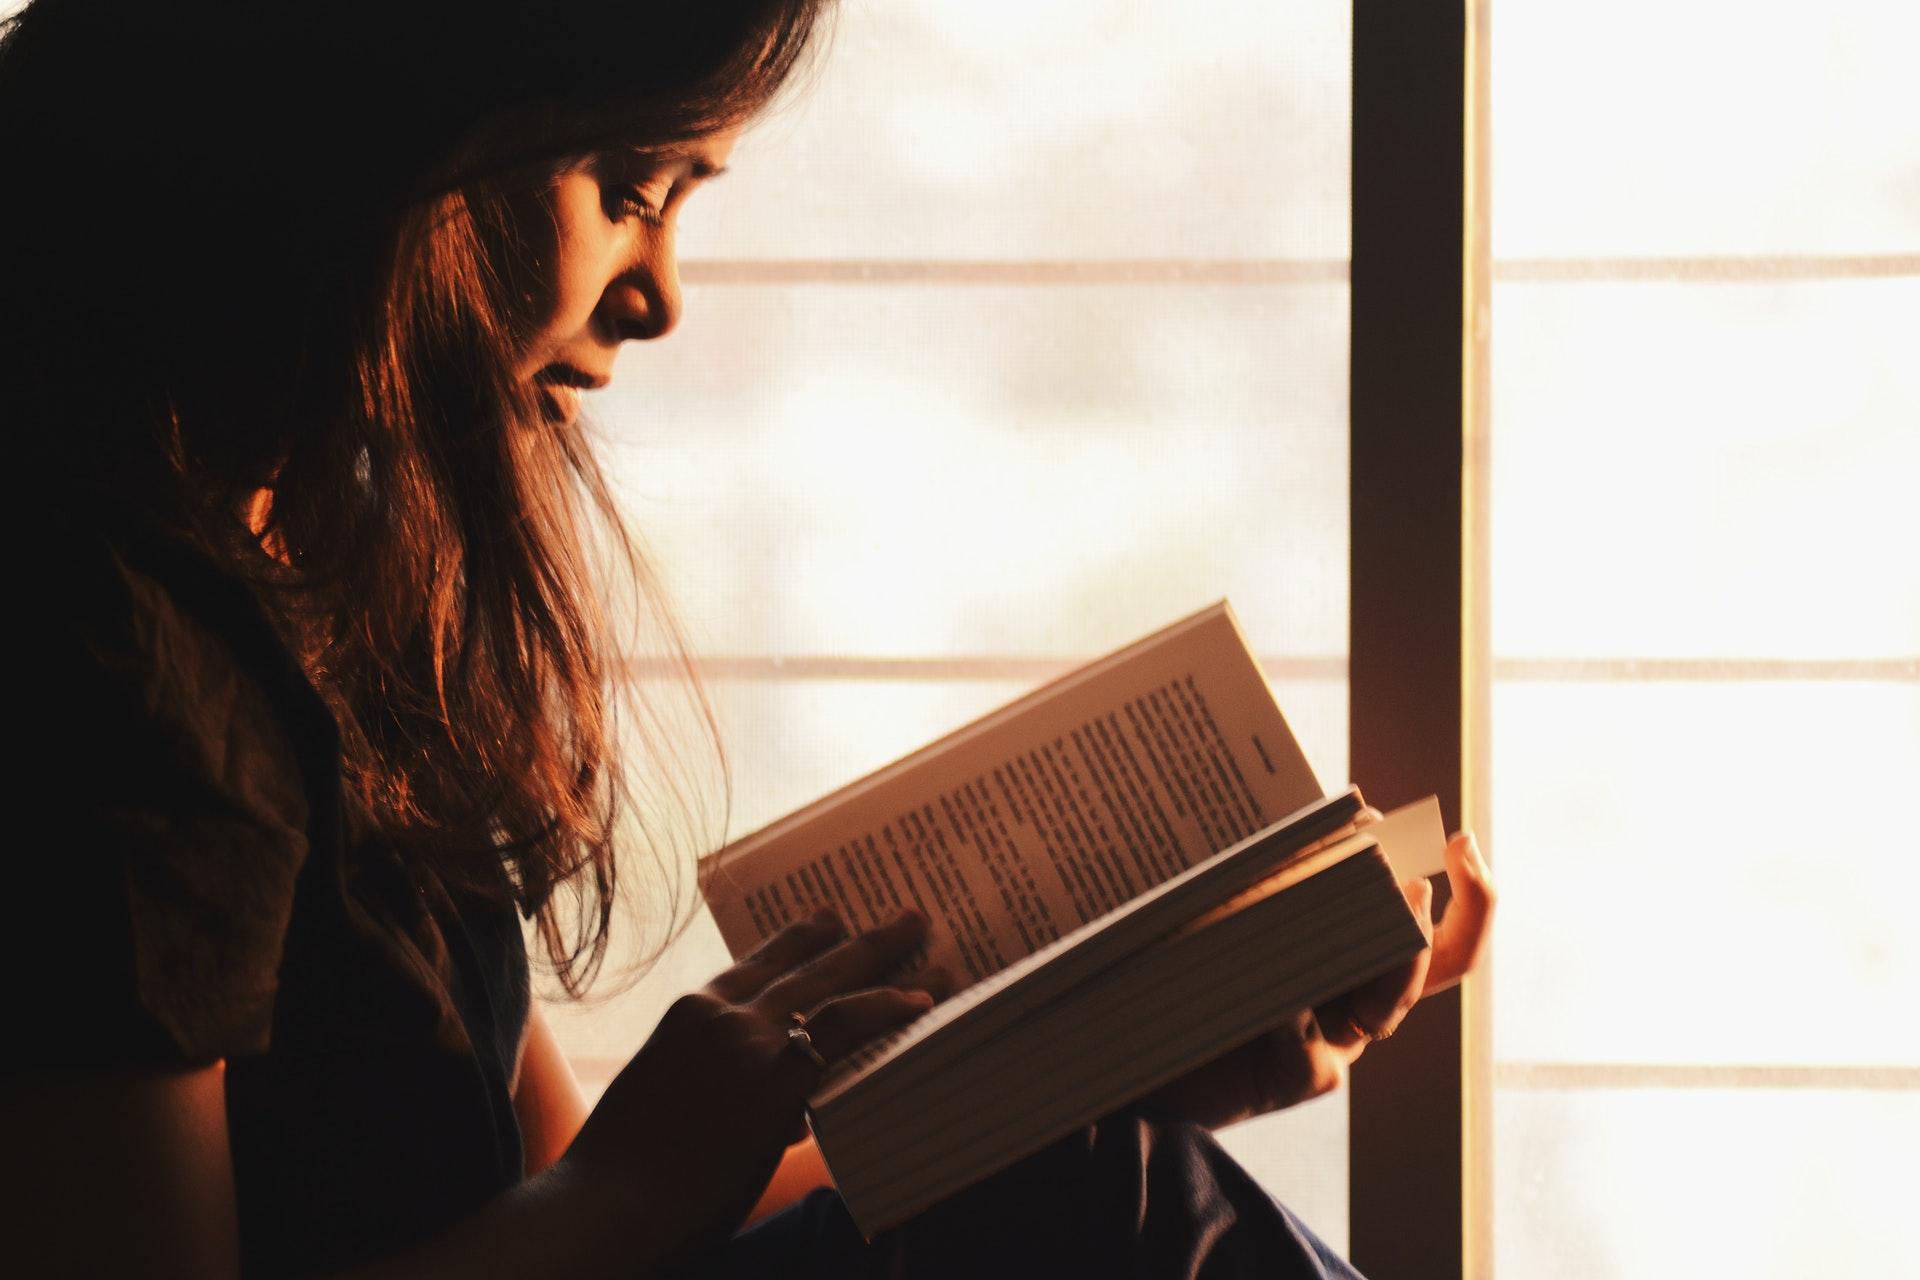 Czy czytanie książek może być szkodliwe? - www.naczytniku.pl